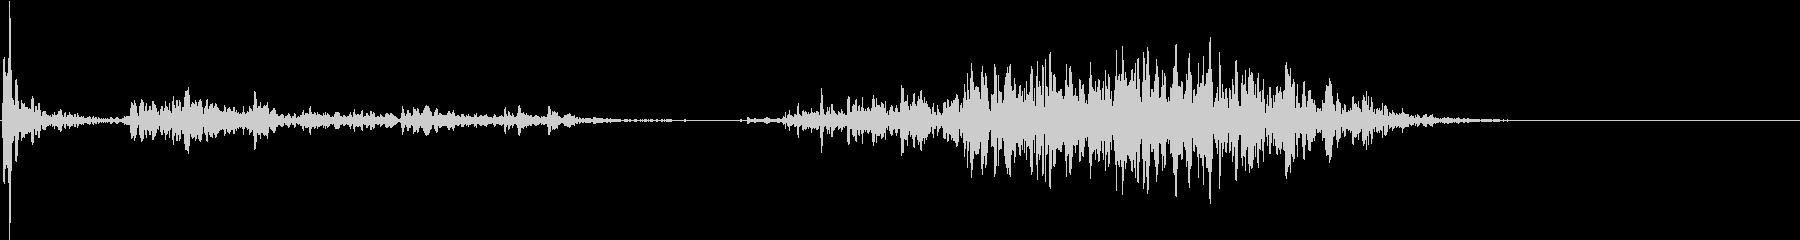 【生録音】ペンで書く音 机 1の未再生の波形